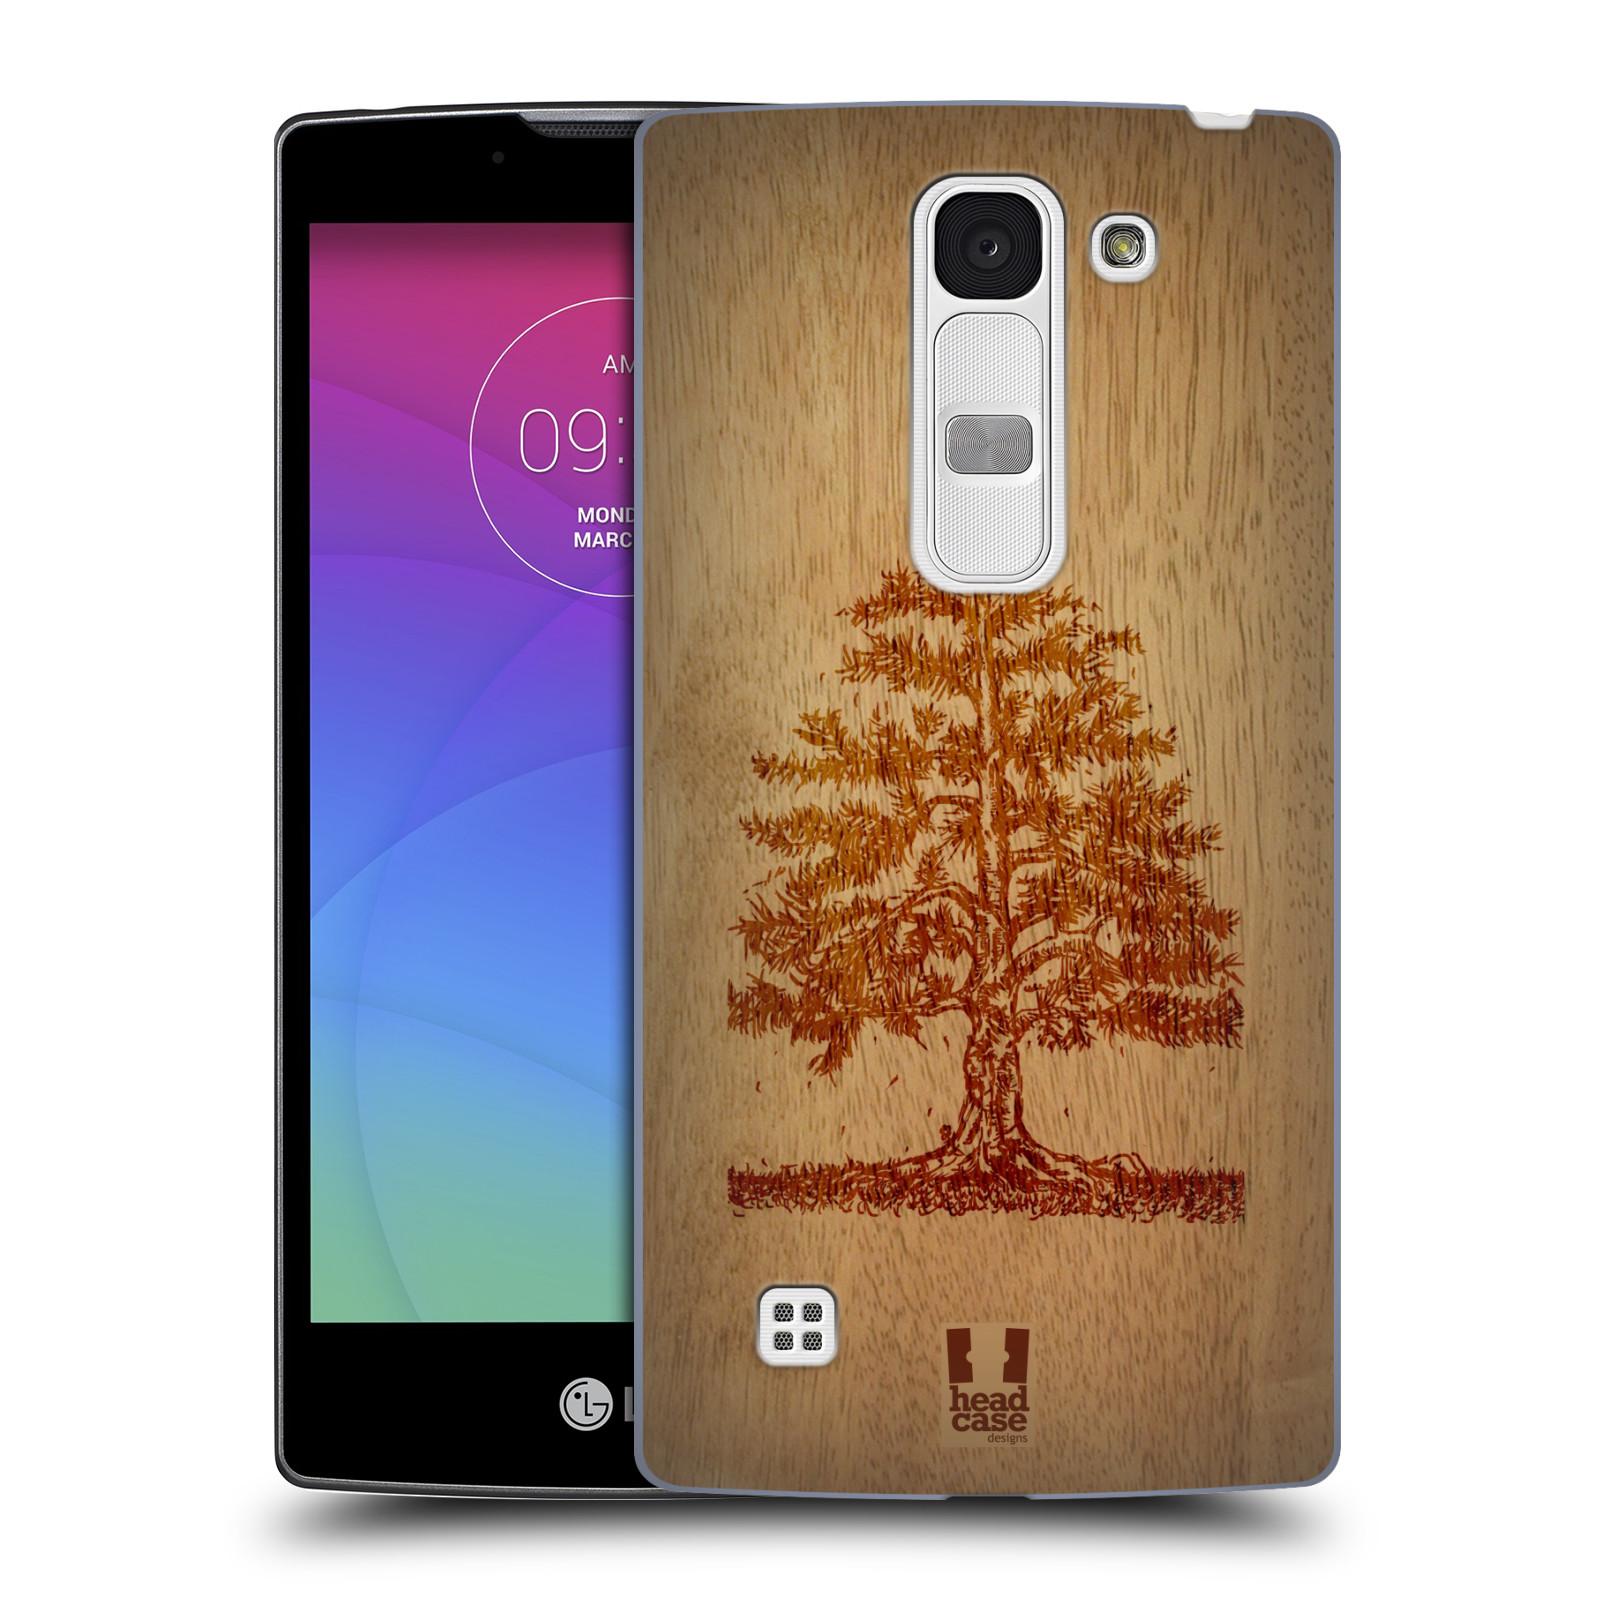 Plastové pouzdro na mobil LG Spirit LTE HEAD CASE WOODART TREE (Kryt či obal na mobilní telefon LG Spirit H420 a LG Spirit LTE H440N)